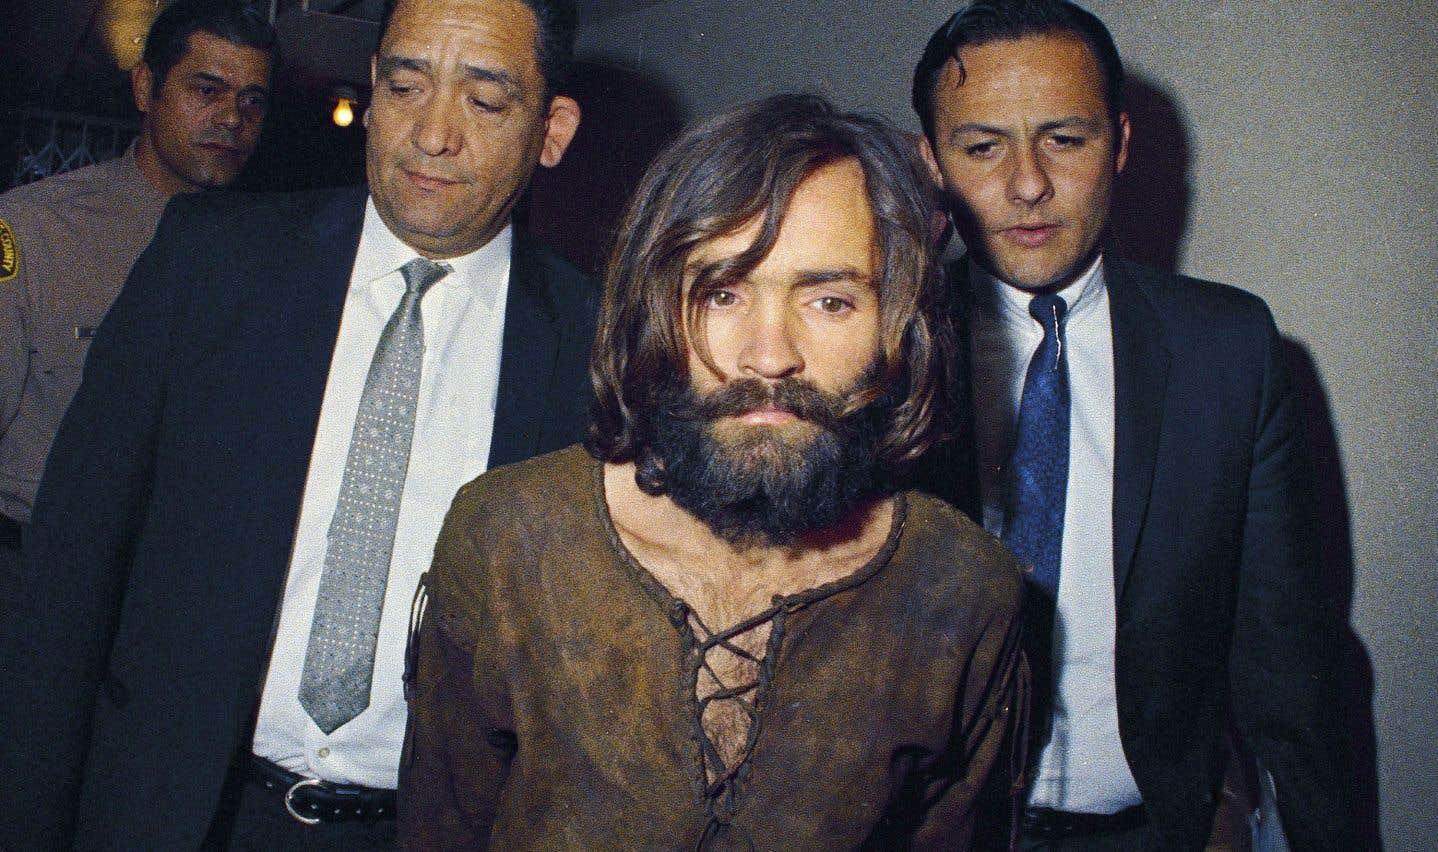 Charles Manson est escorté par des policiers à Los Angeles pour être accusé d'avoir orchestré les meurtres de l'actrice Sharon Tate et de six autres personnes.